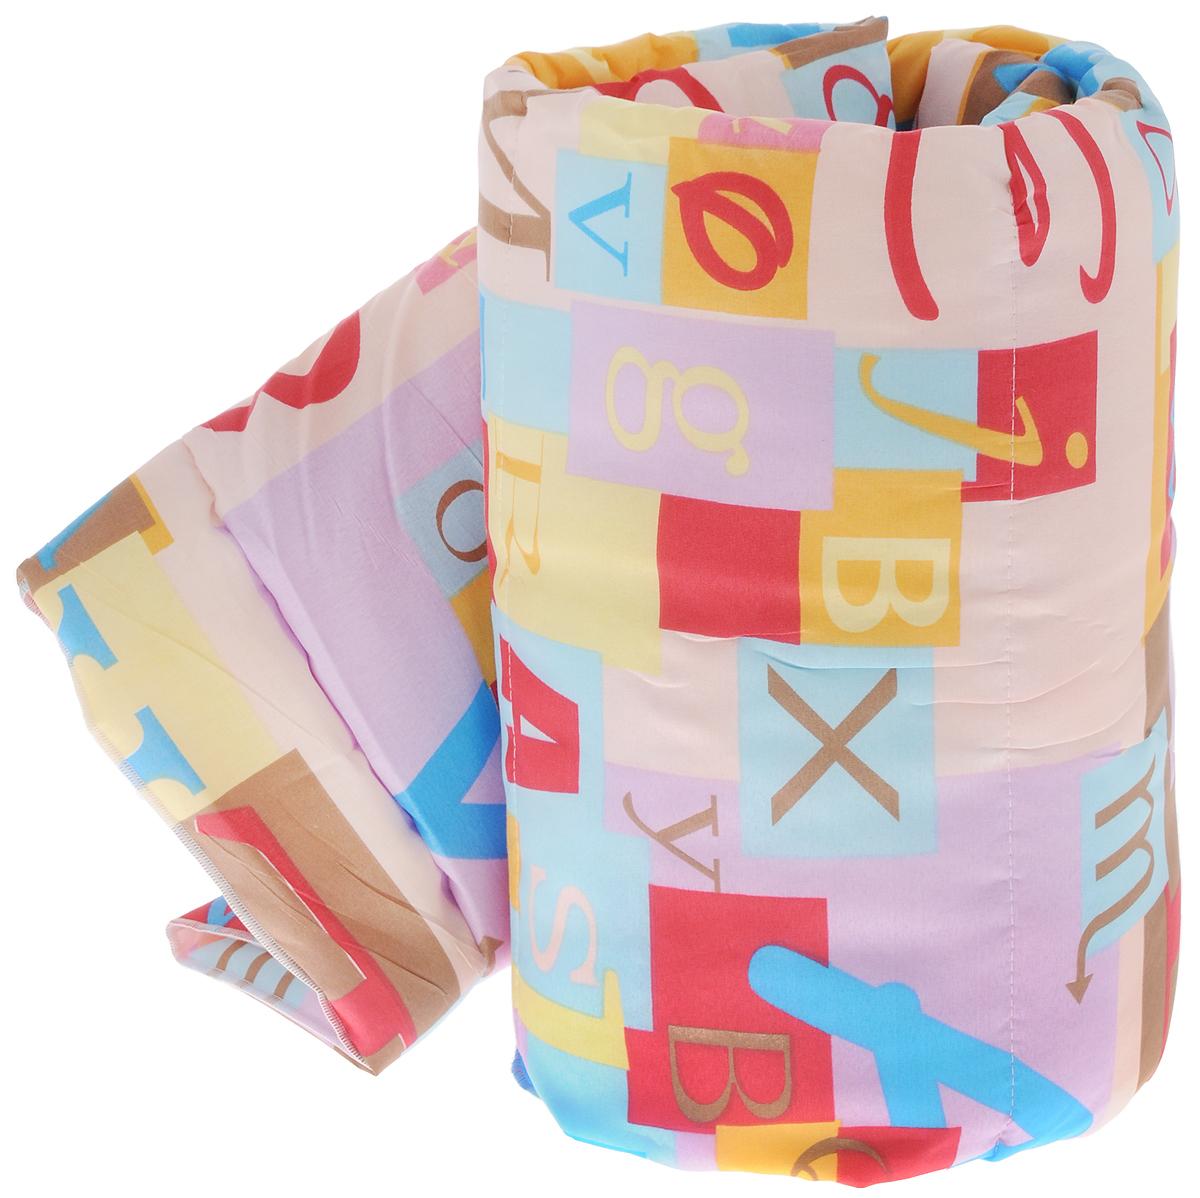 Одеяло легкое Sleeper Дили, наполнитель: силиконизированное волокно, цвет: мультиколор, 140 x 200 см22(13)323Одеяло Dargez Дили подарит уютный и комфортный сон. Чехол одеяла выполнен из микрофибры, наполнитель - силиконизированное волокно. Изделие с синтетическим наполнителем: - не вызывает аллергических реакций; - воздухопроницаемо; - не впитывает запахи; - имеет удобную форму. Рекомендации по уходу: - Стирка при температуре не более 40°С. - Запрещается отбеливать, гладить. Материал чехла: микрофибра (100% полиэстер). Наполнитель: силиконизированное волокно. Масса наполнителя: 0,40 кг. Размер одеяла: 140 см х 200 см.